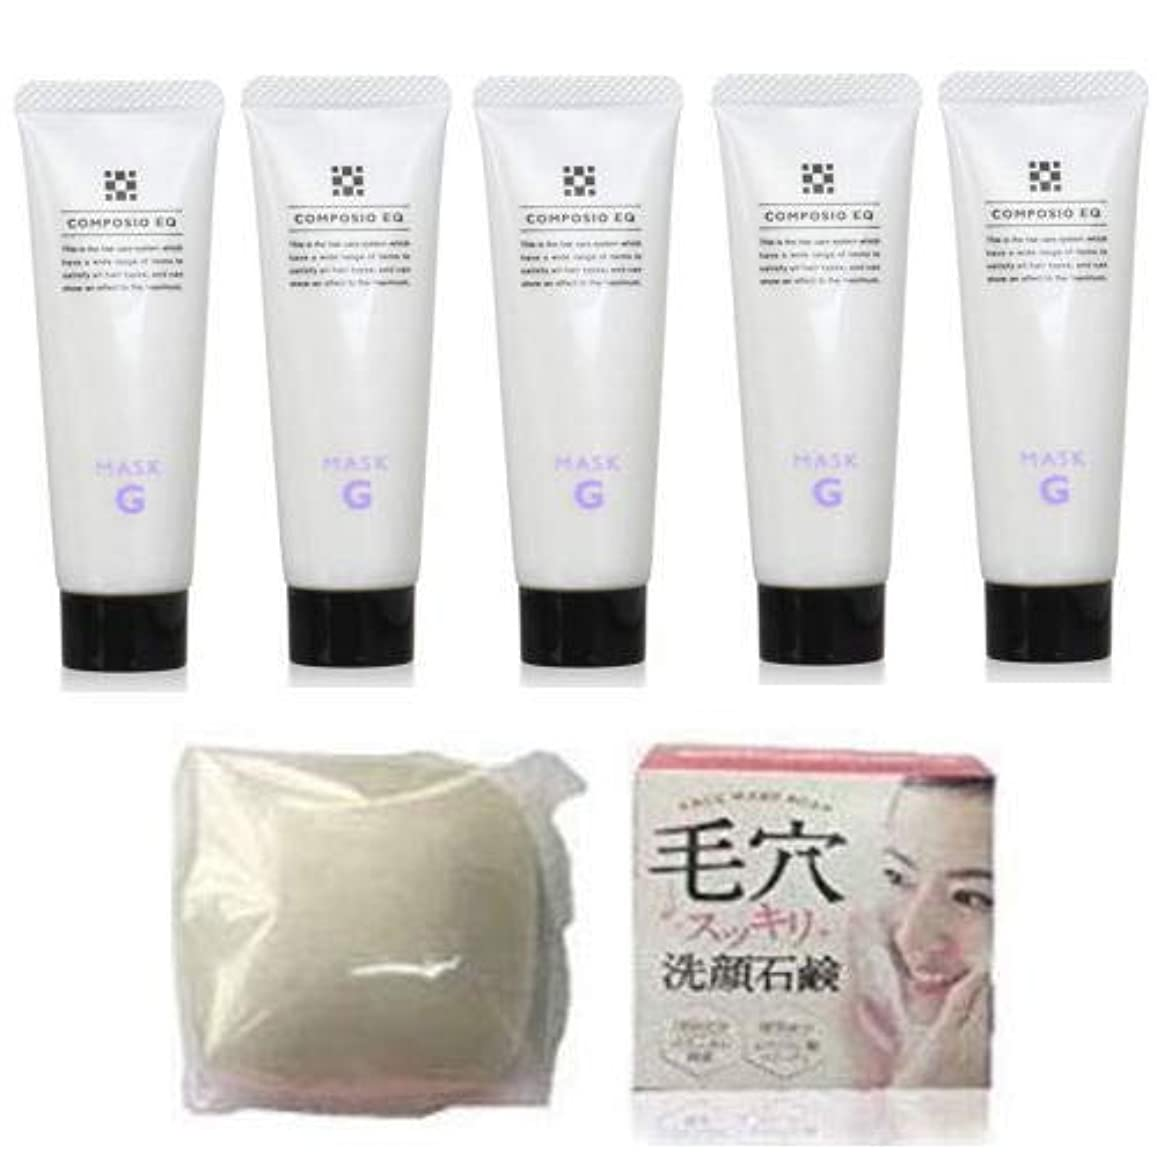 船尾漂流文化5個 デミ コンポジオ EQ マスク G 50g、毛穴スッキリ 洗顔石鹸 80g セット販売